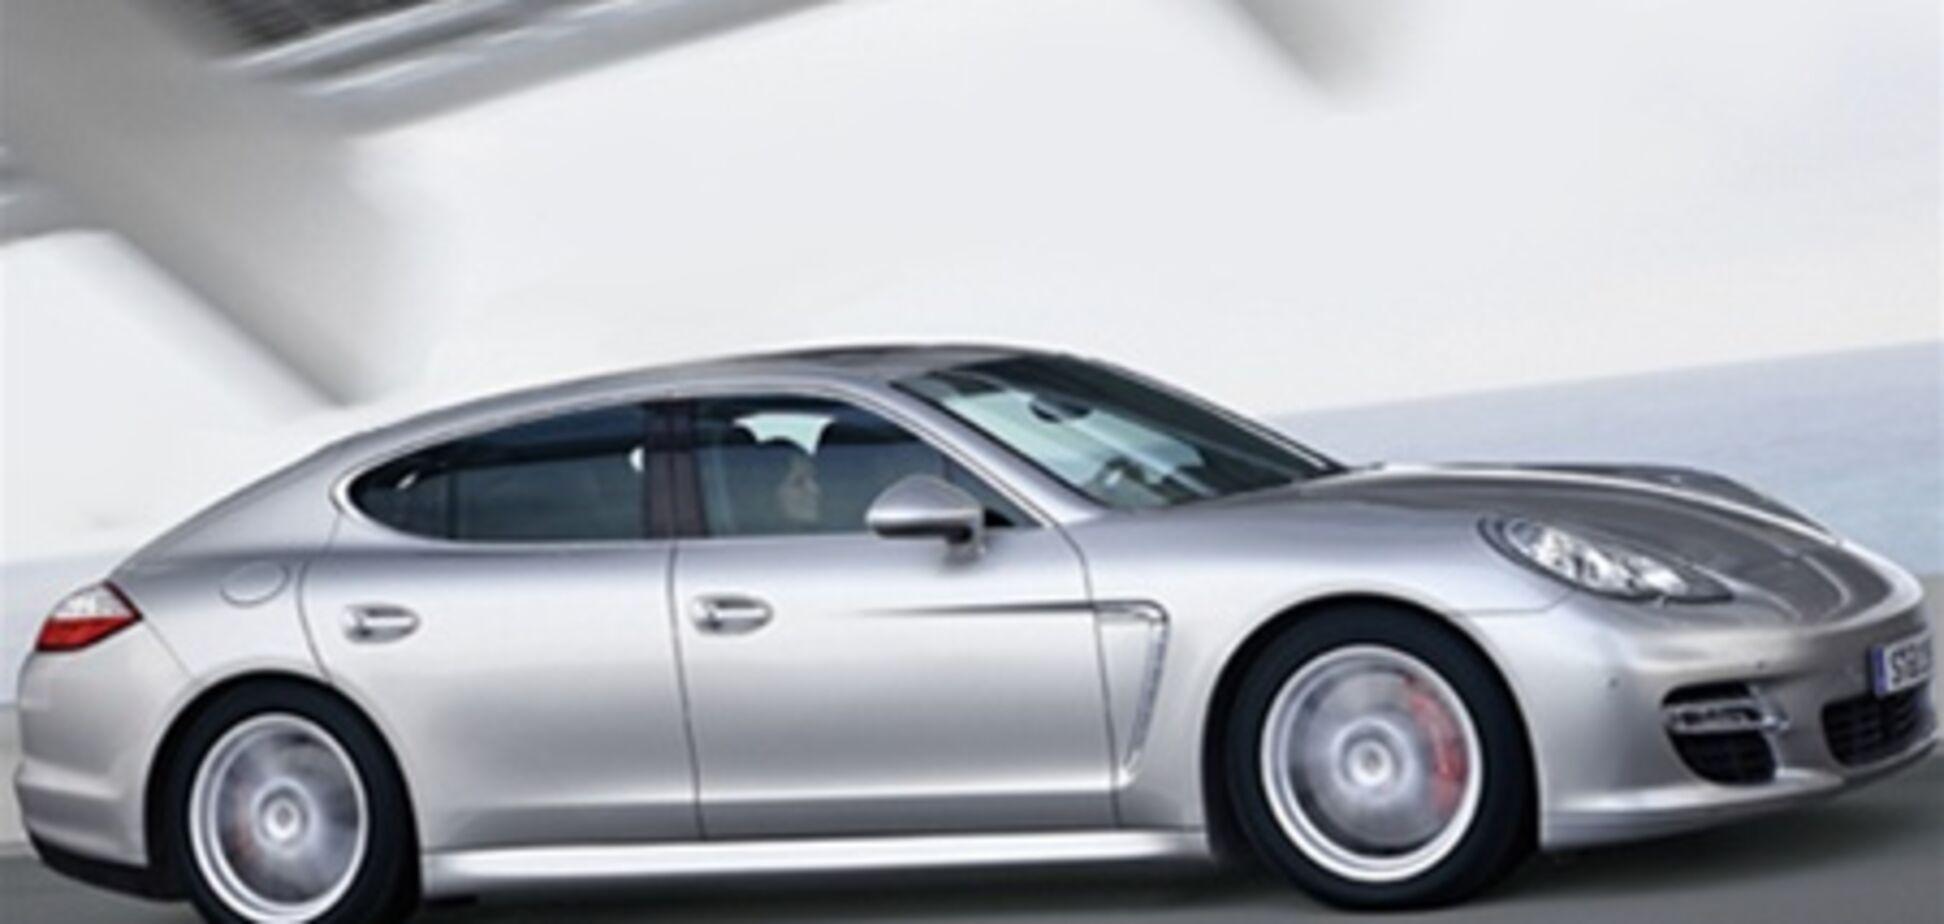 В следующем году появится удлиненный Porsche Panamera